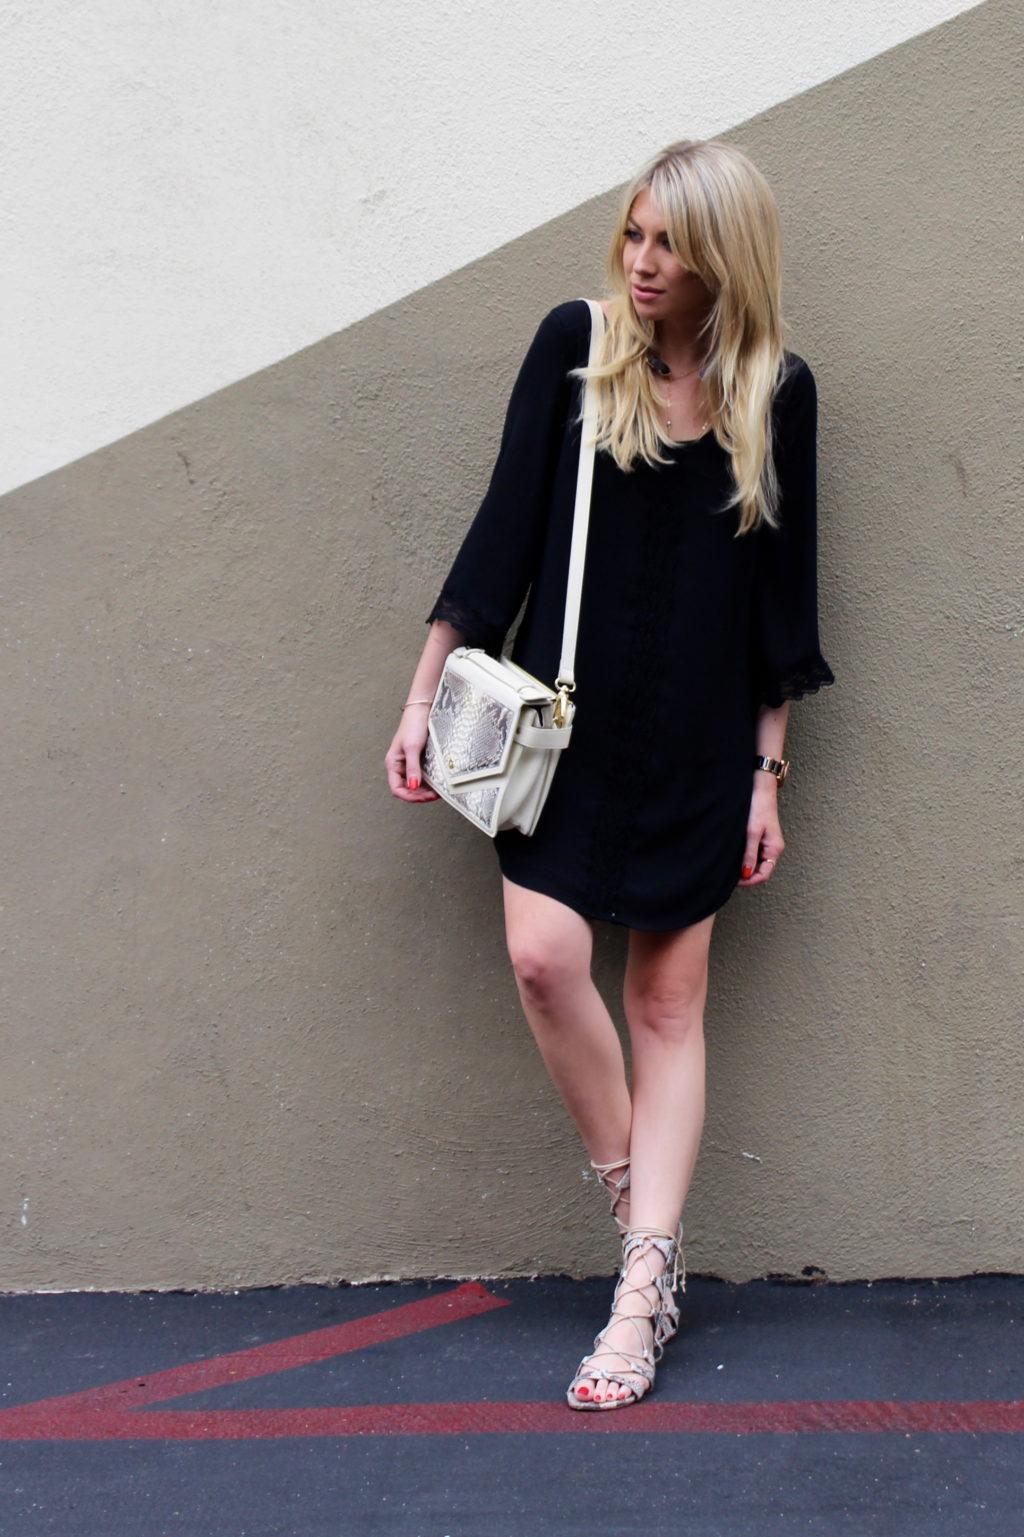 Stassi Schroeder - LBD - Fashion - Just Stassi